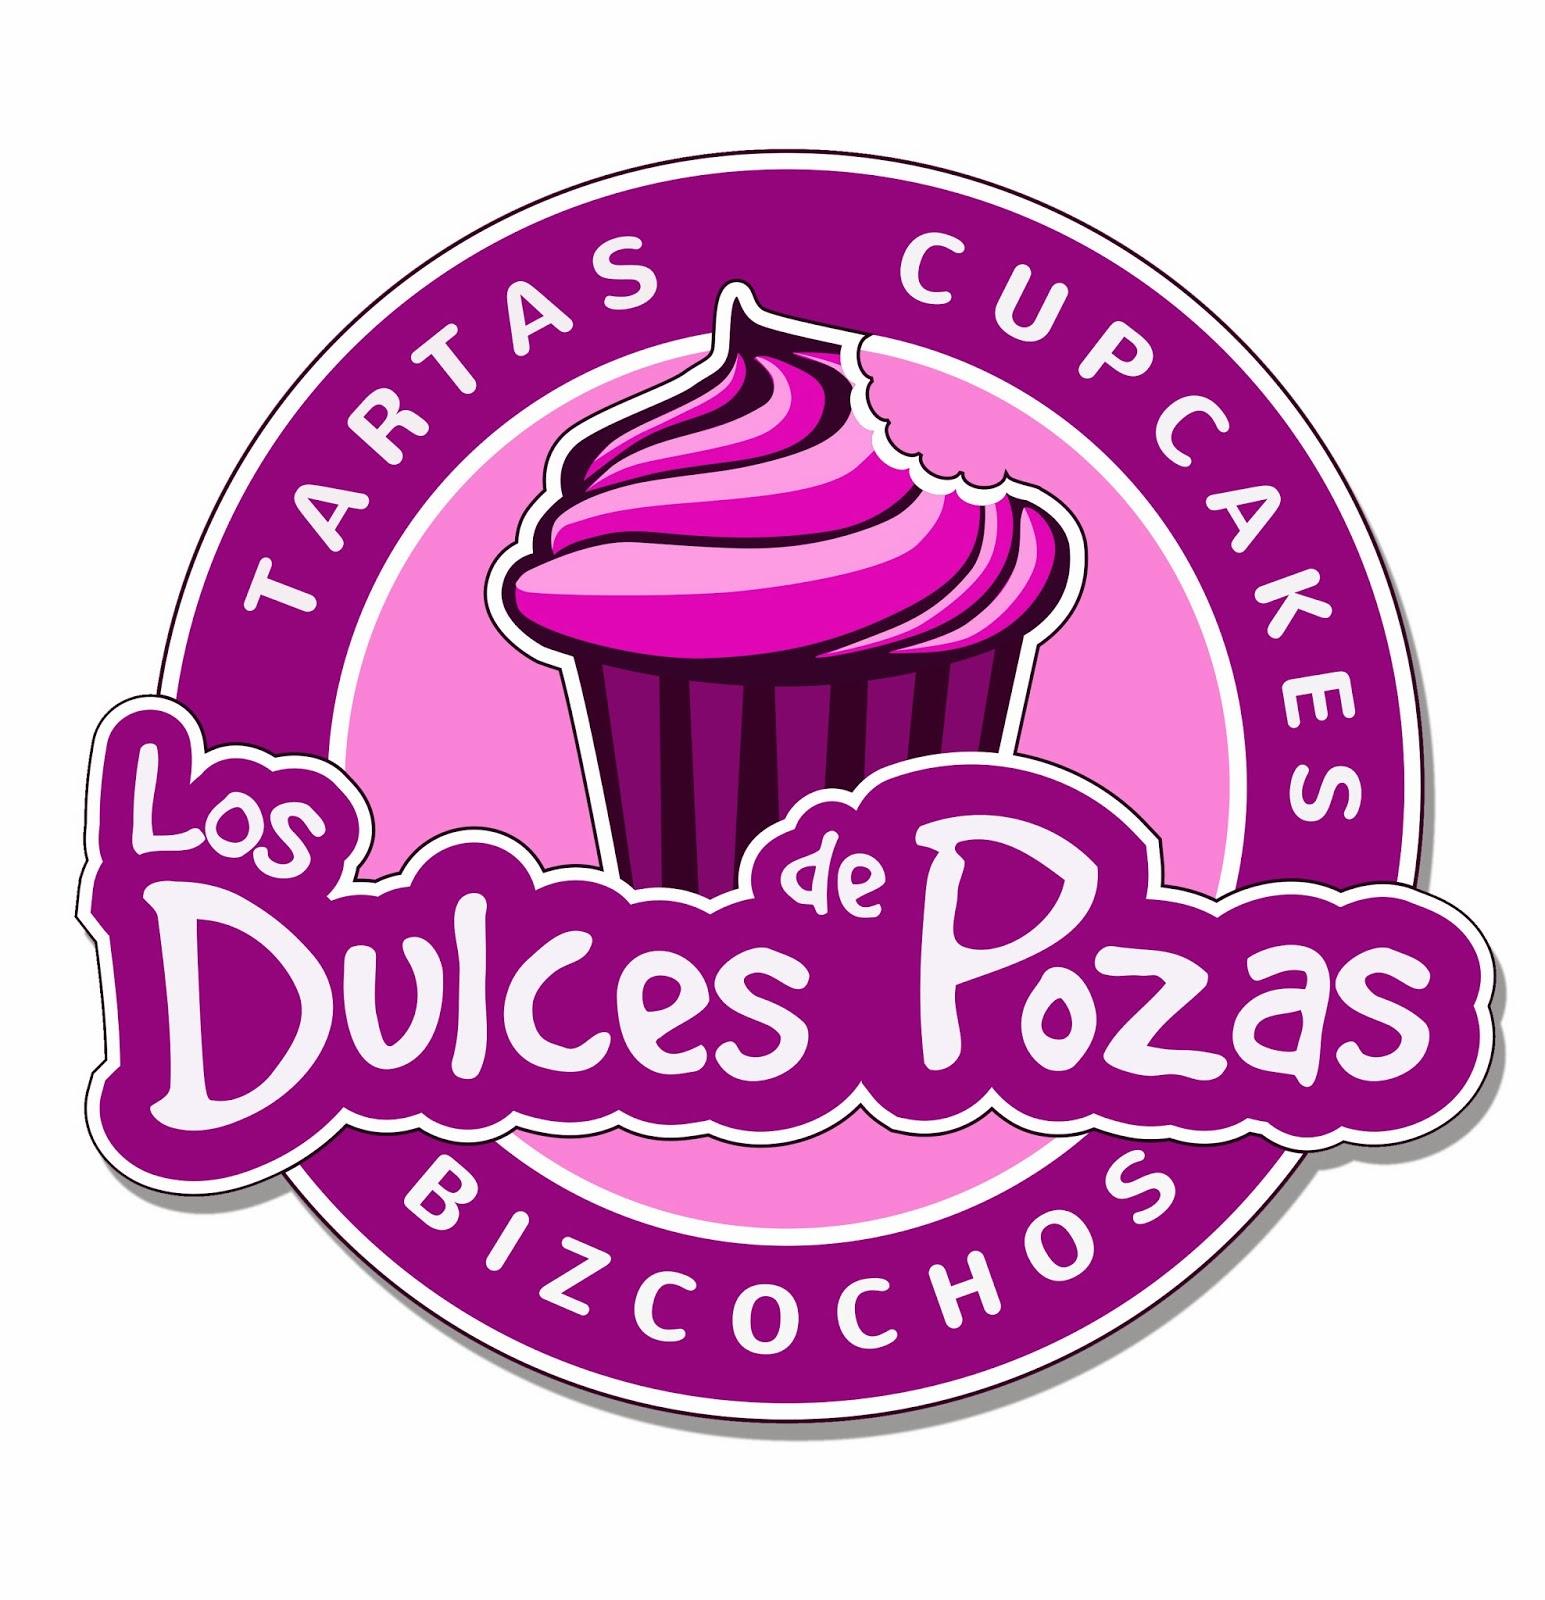 Los dulces de Pozas,Cup Cake Bilbao,Licenciado de Pozas,Tartas Bilbao,Bizcochos Bilbao